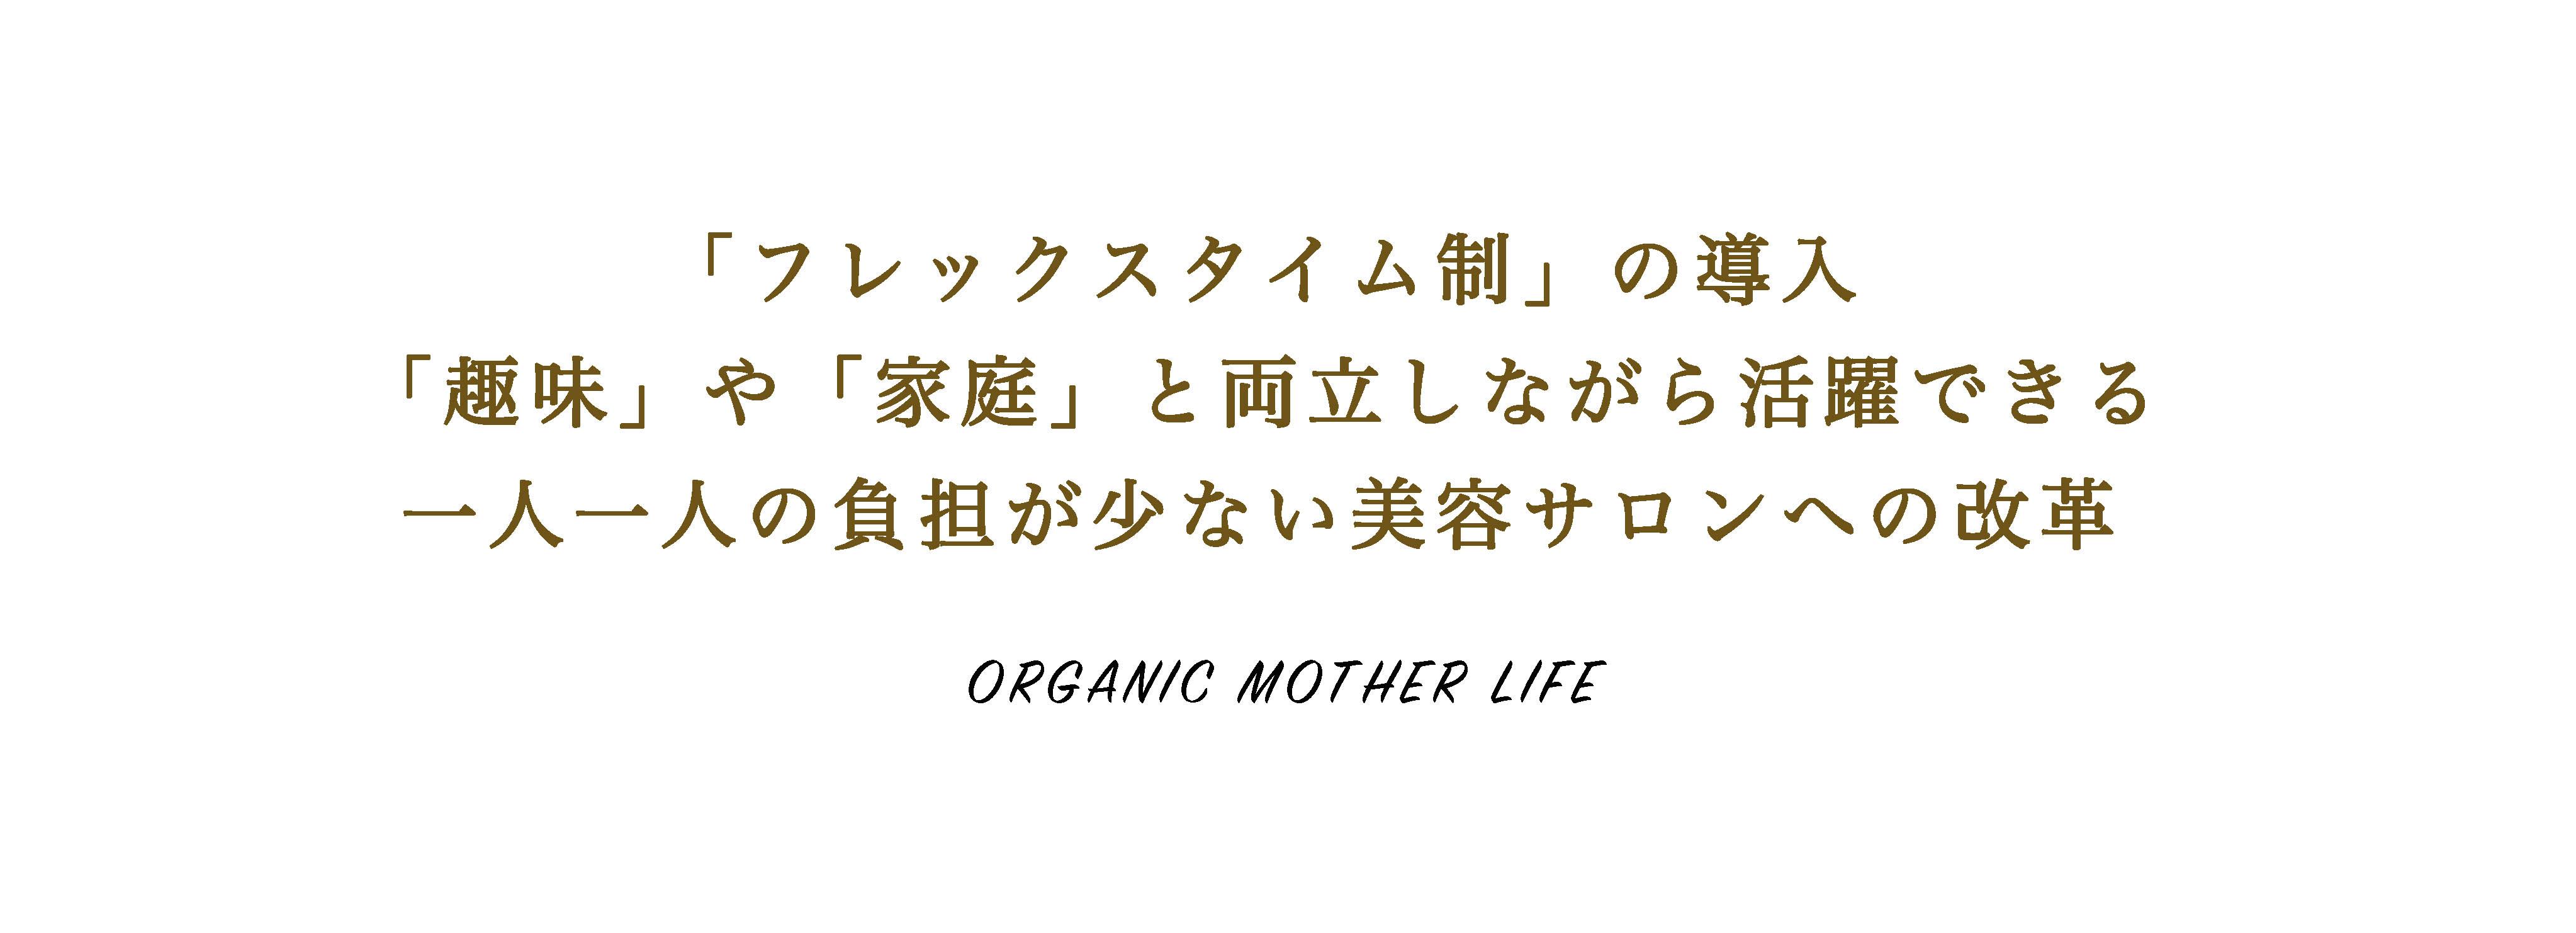 オーガニックマザーライフ福利厚生3